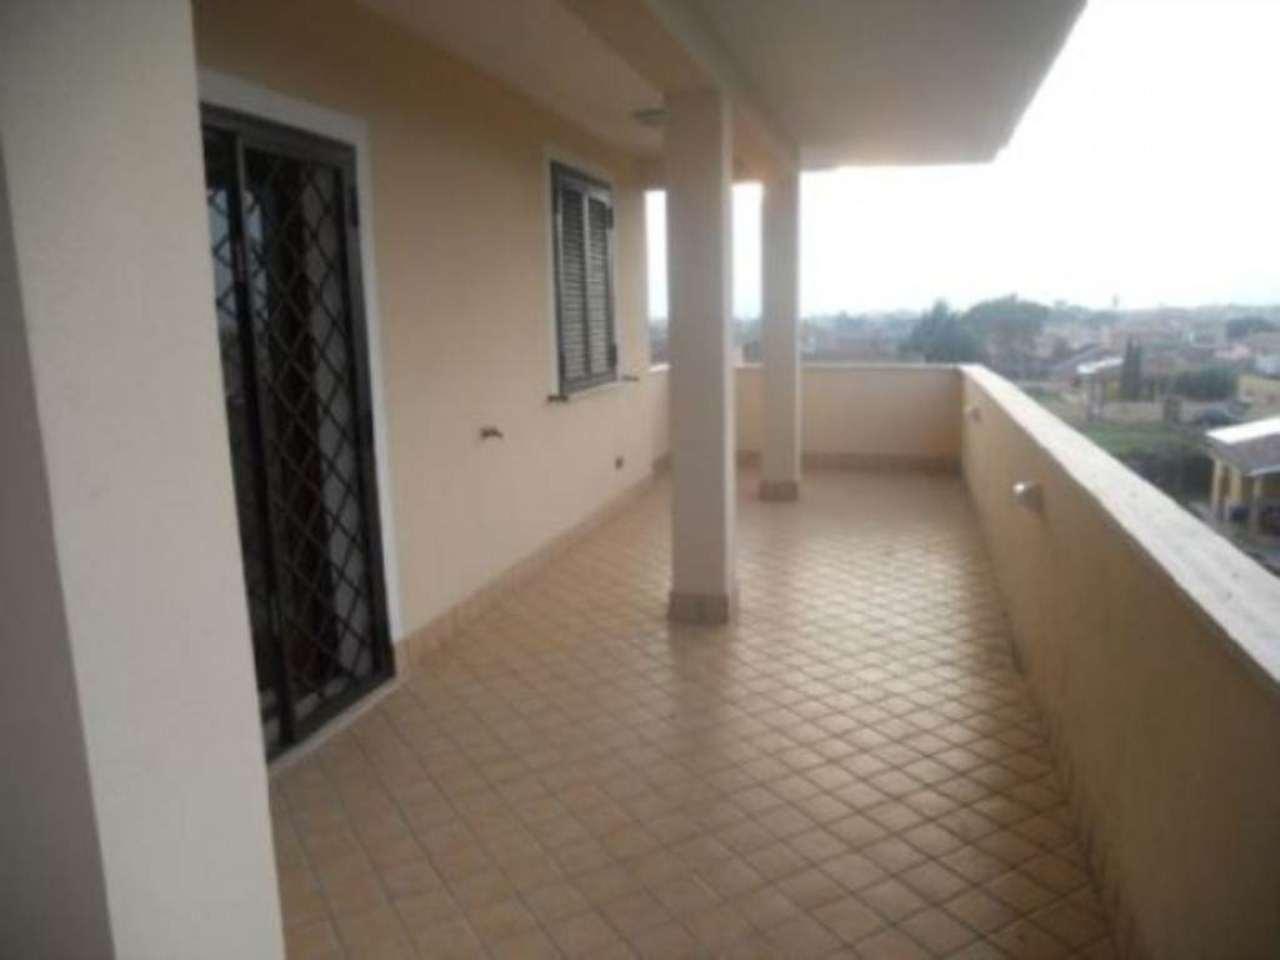 Appartamento in vendita a Ardea, 2 locali, prezzo € 63.000 | CambioCasa.it